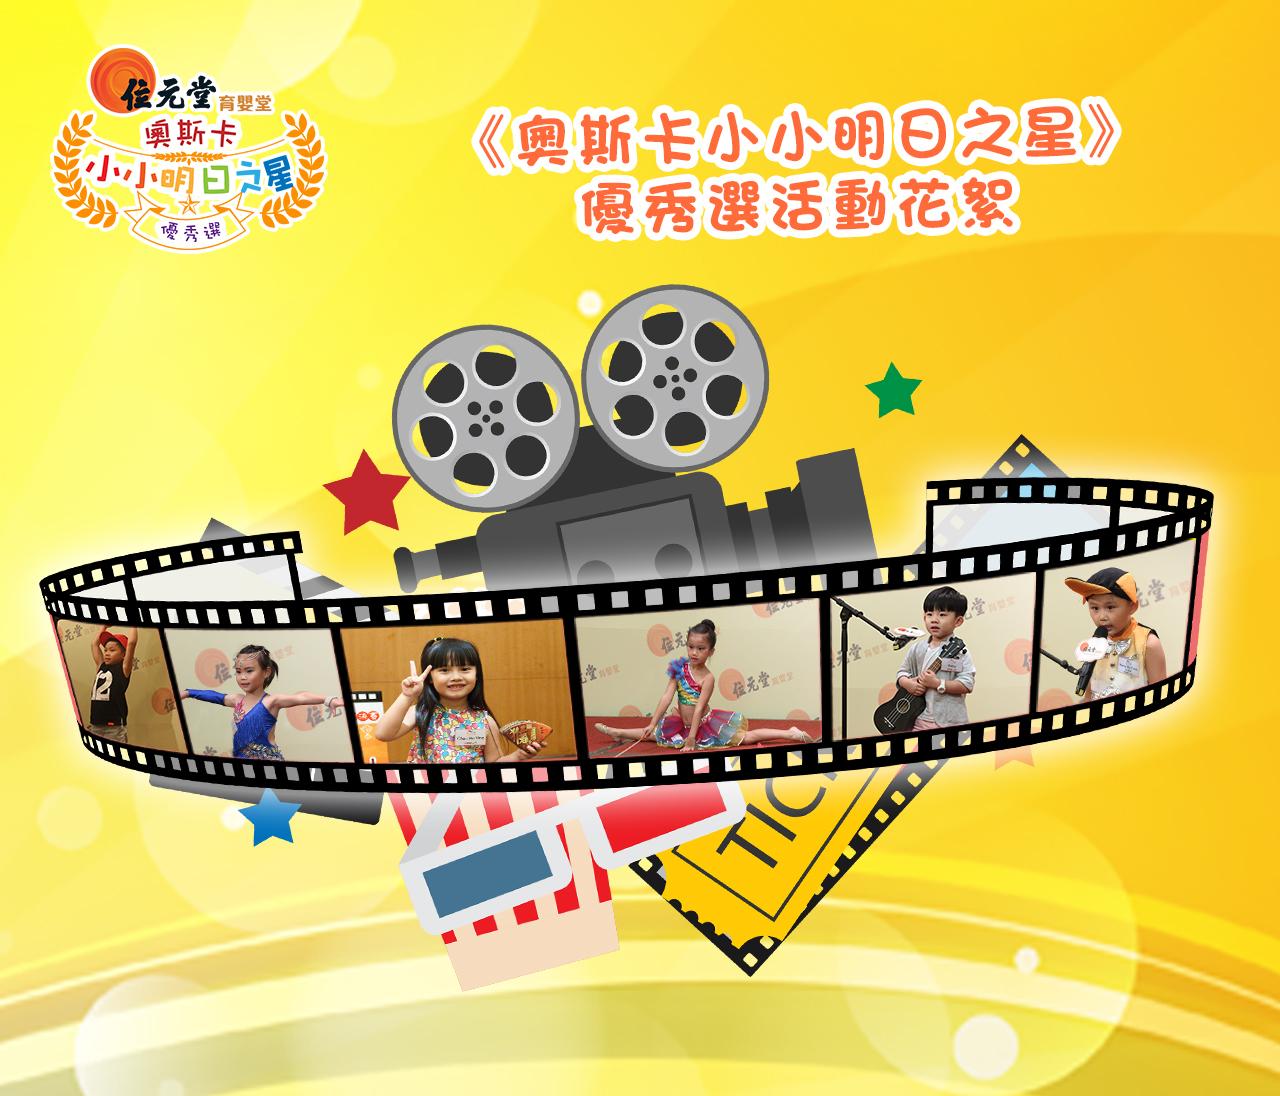 <!--:en-->Wai Yuen Tong BB Club Oscars Kids Competition 2016<!--:--><!--:cn-->位元堂育婴堂奥斯卡小小明日之星优秀选2016<!--:--><!--:hk-->位元堂育嬰堂奧斯卡小小明日之星優秀選2016<!--:-->